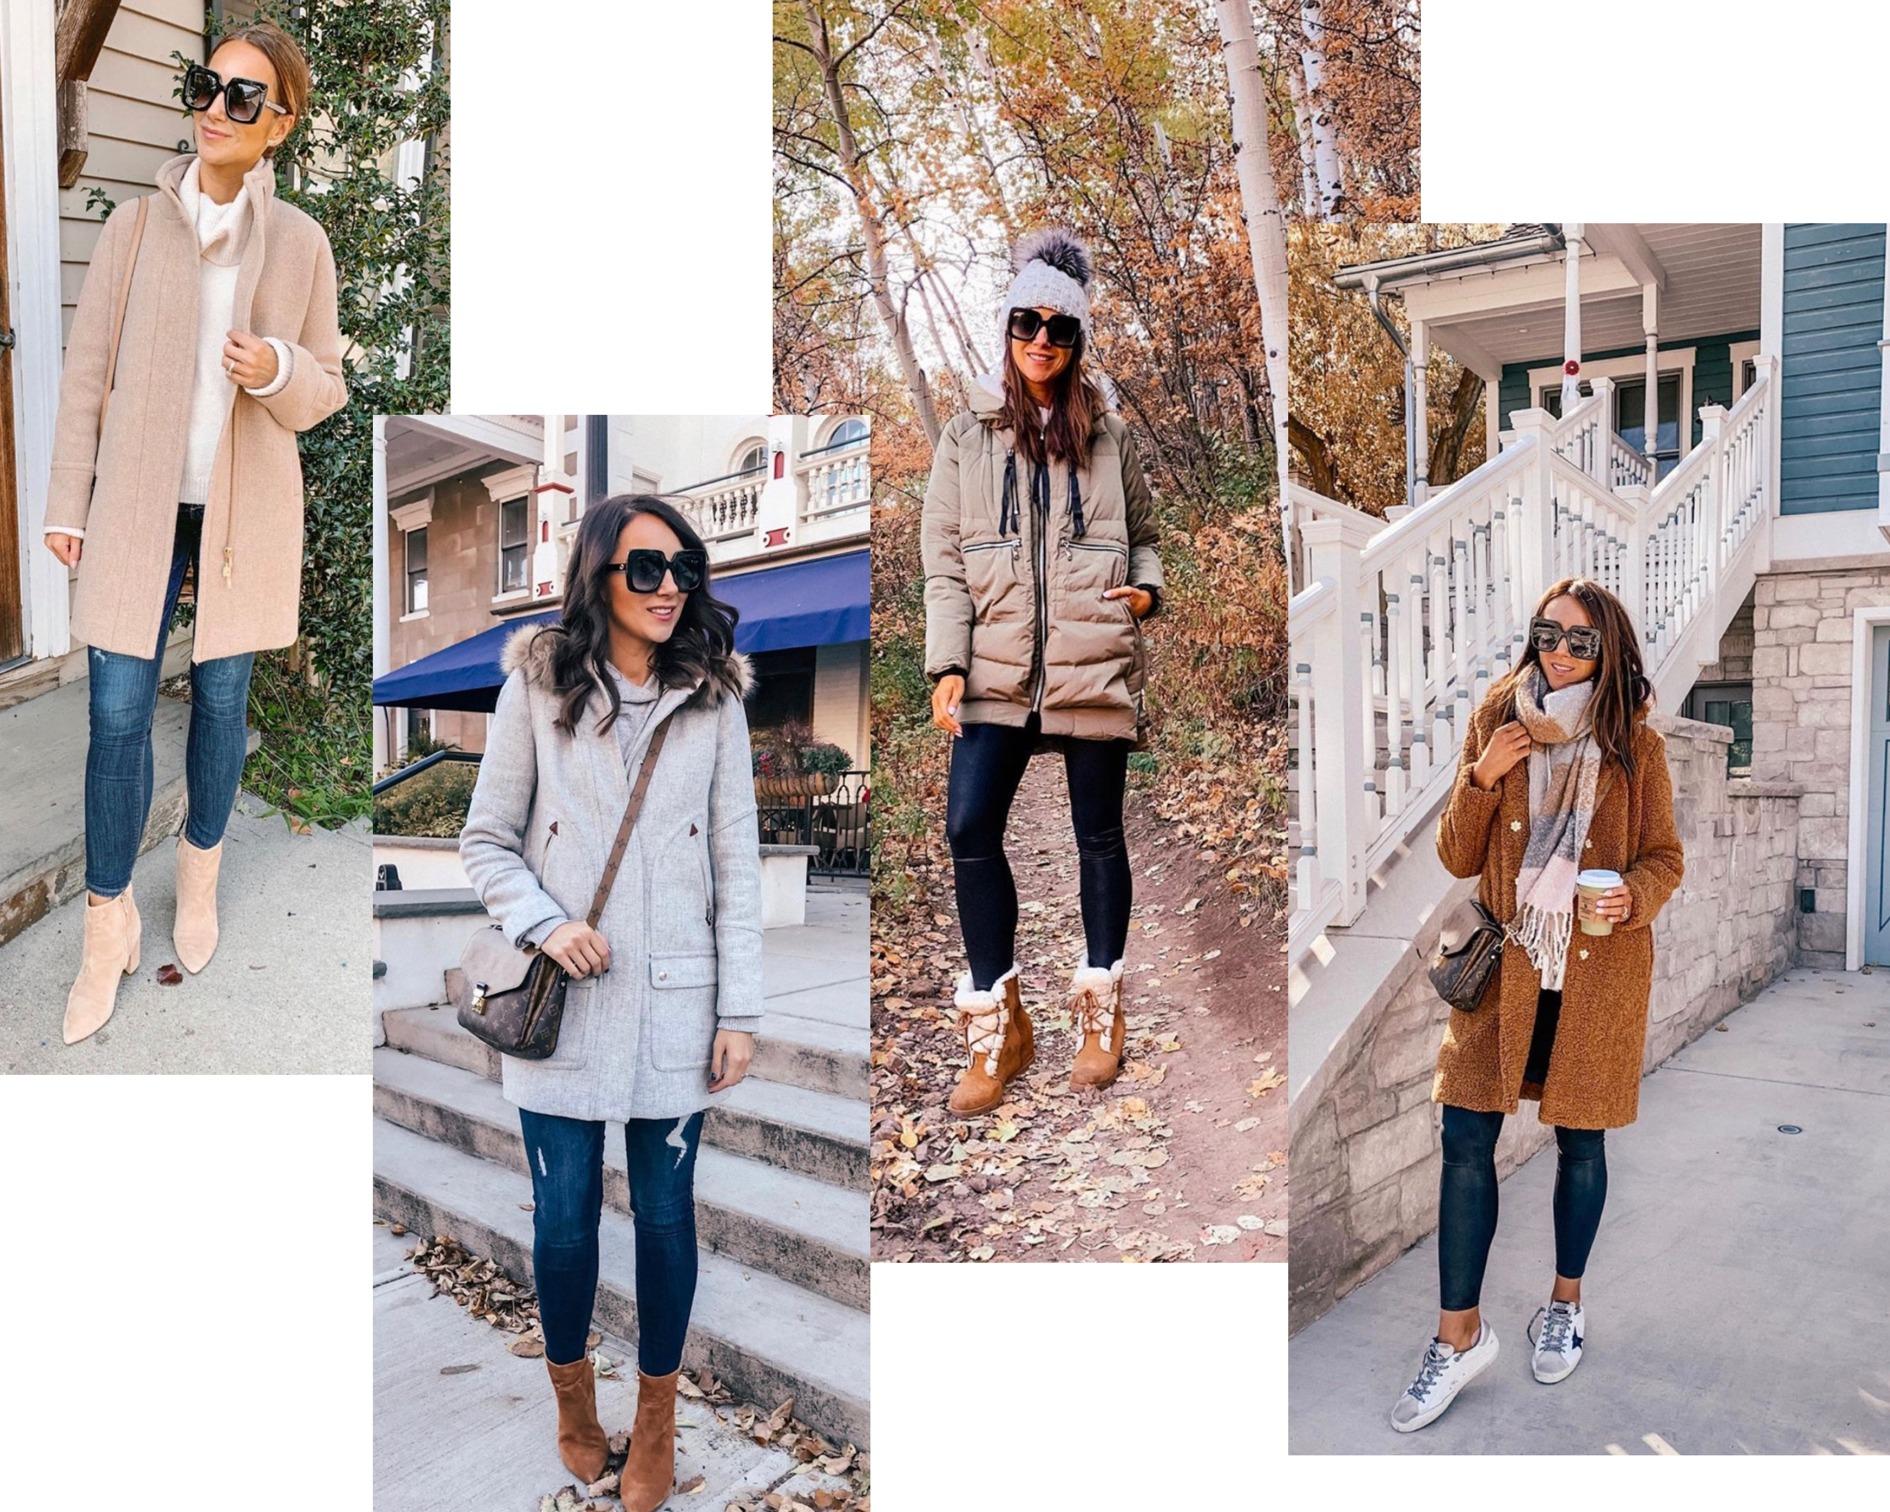 winter coats and jackets, winter parka, jcrew coats, amazon winter jacket